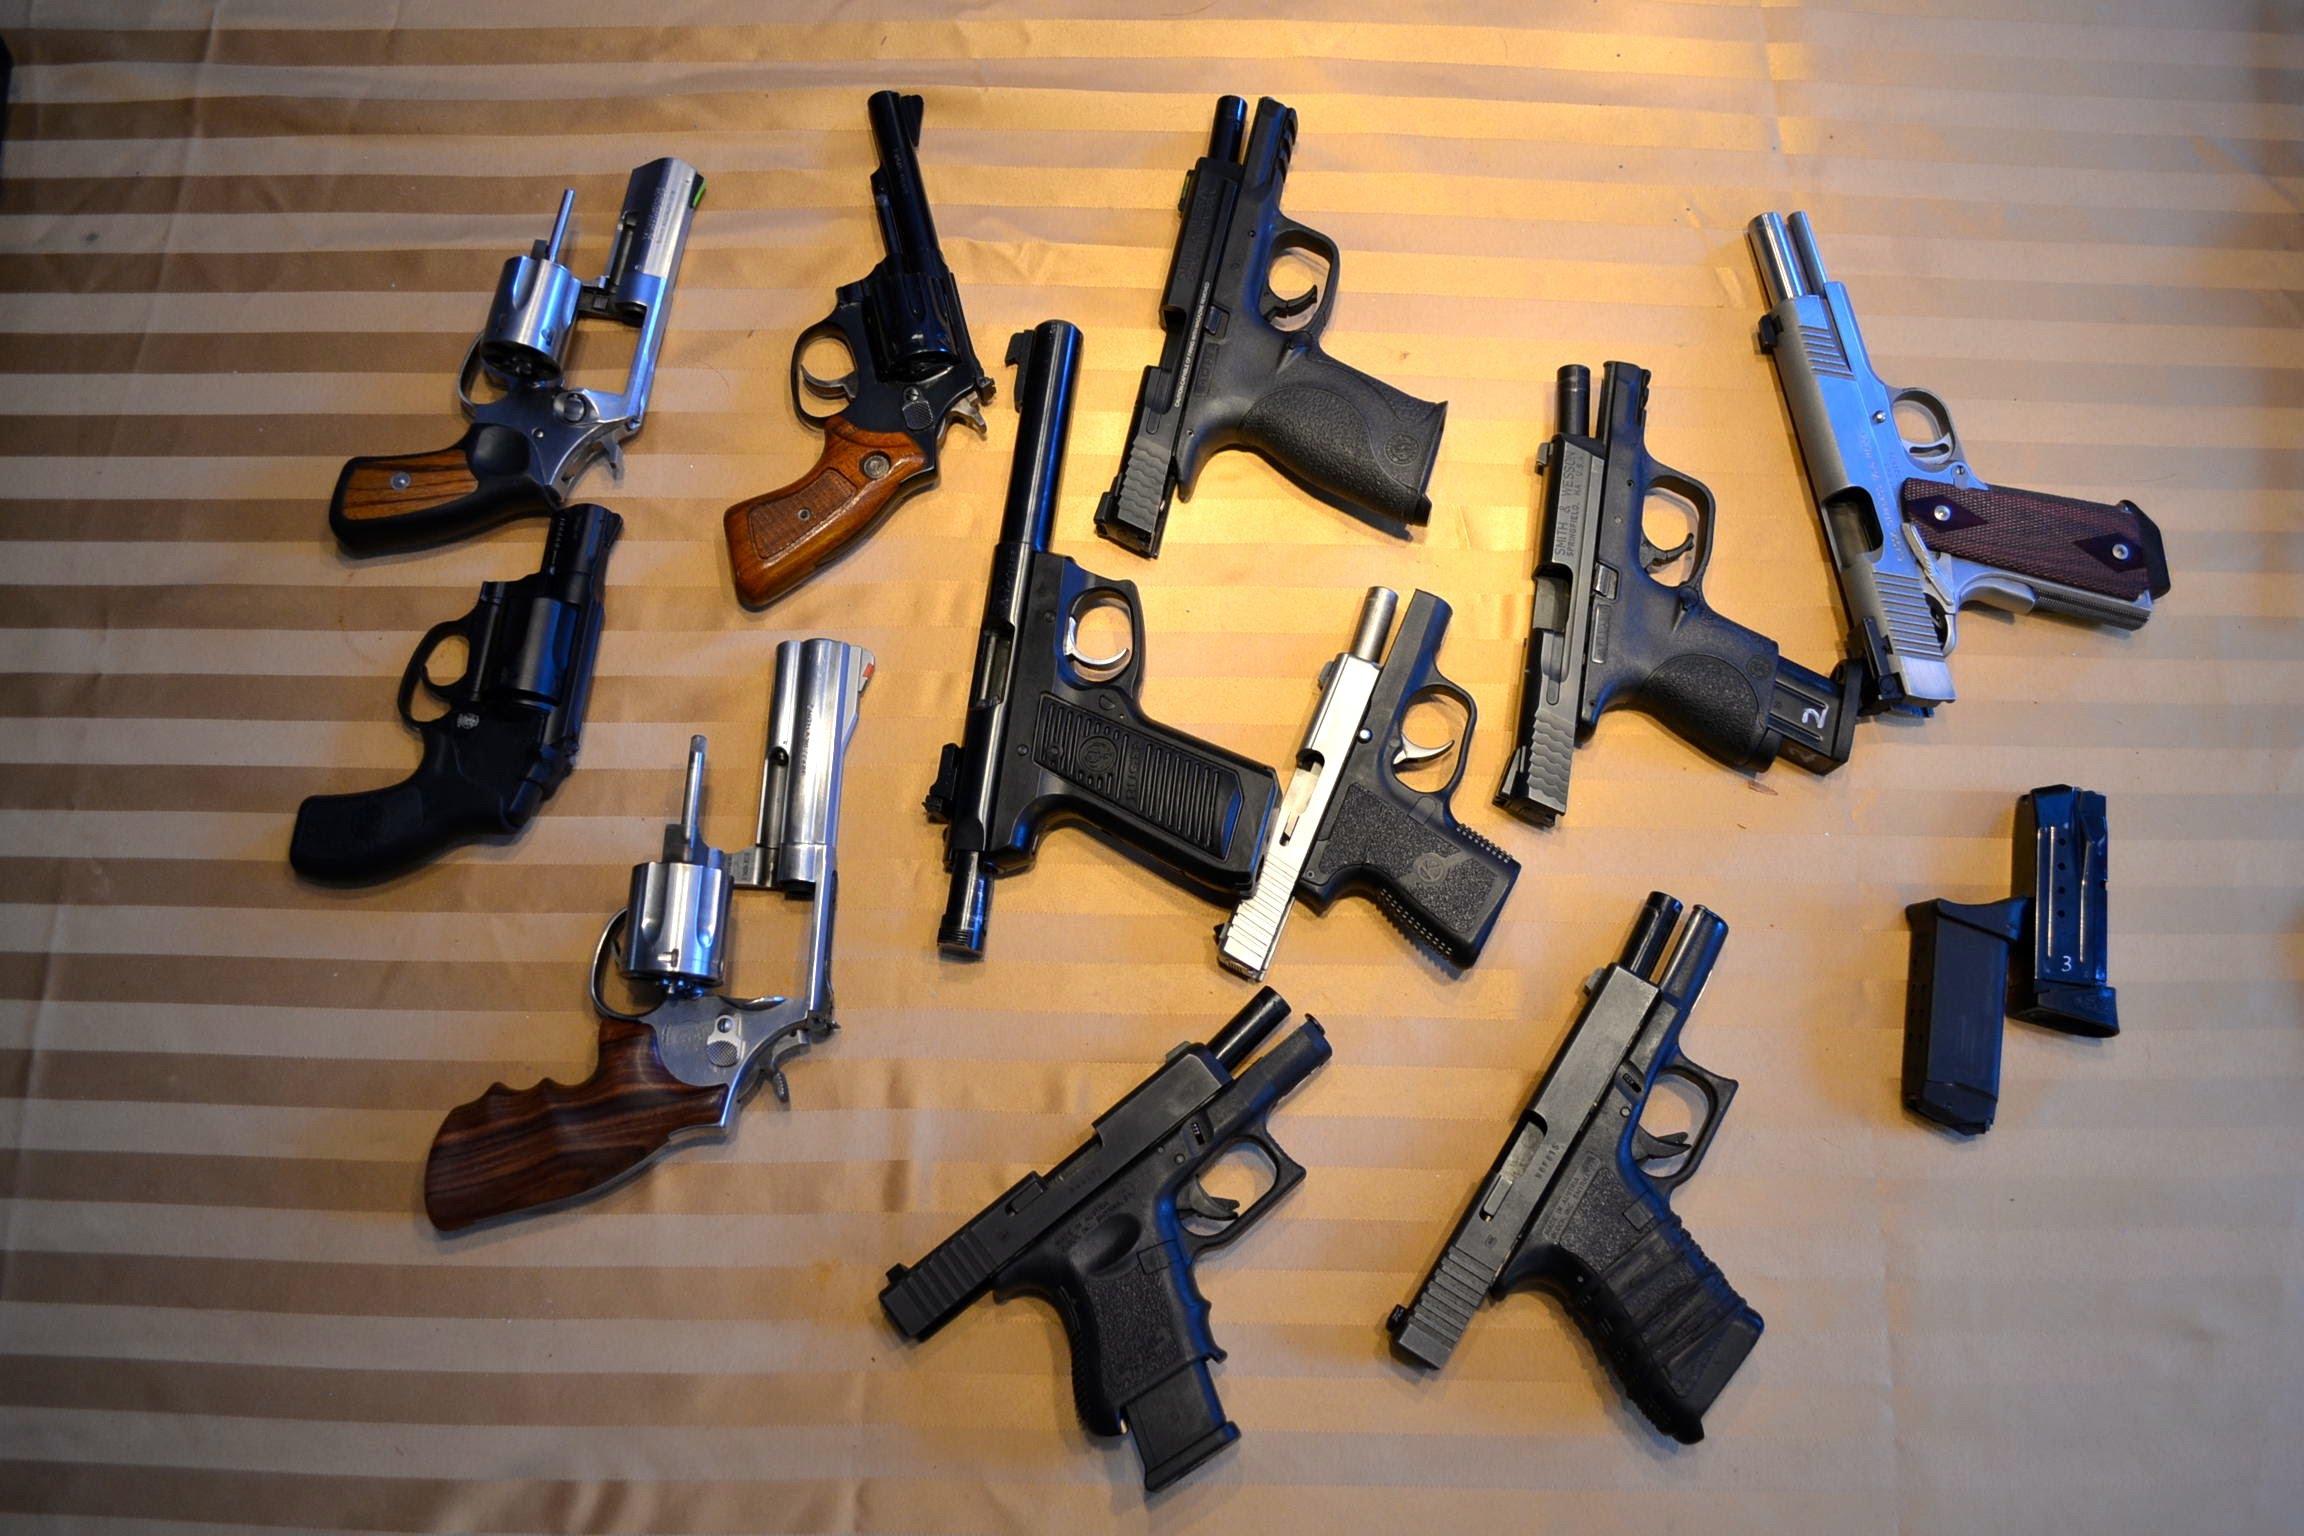 Испанские ученые разработали систему обнаружения пистолетов на изображениях - 1